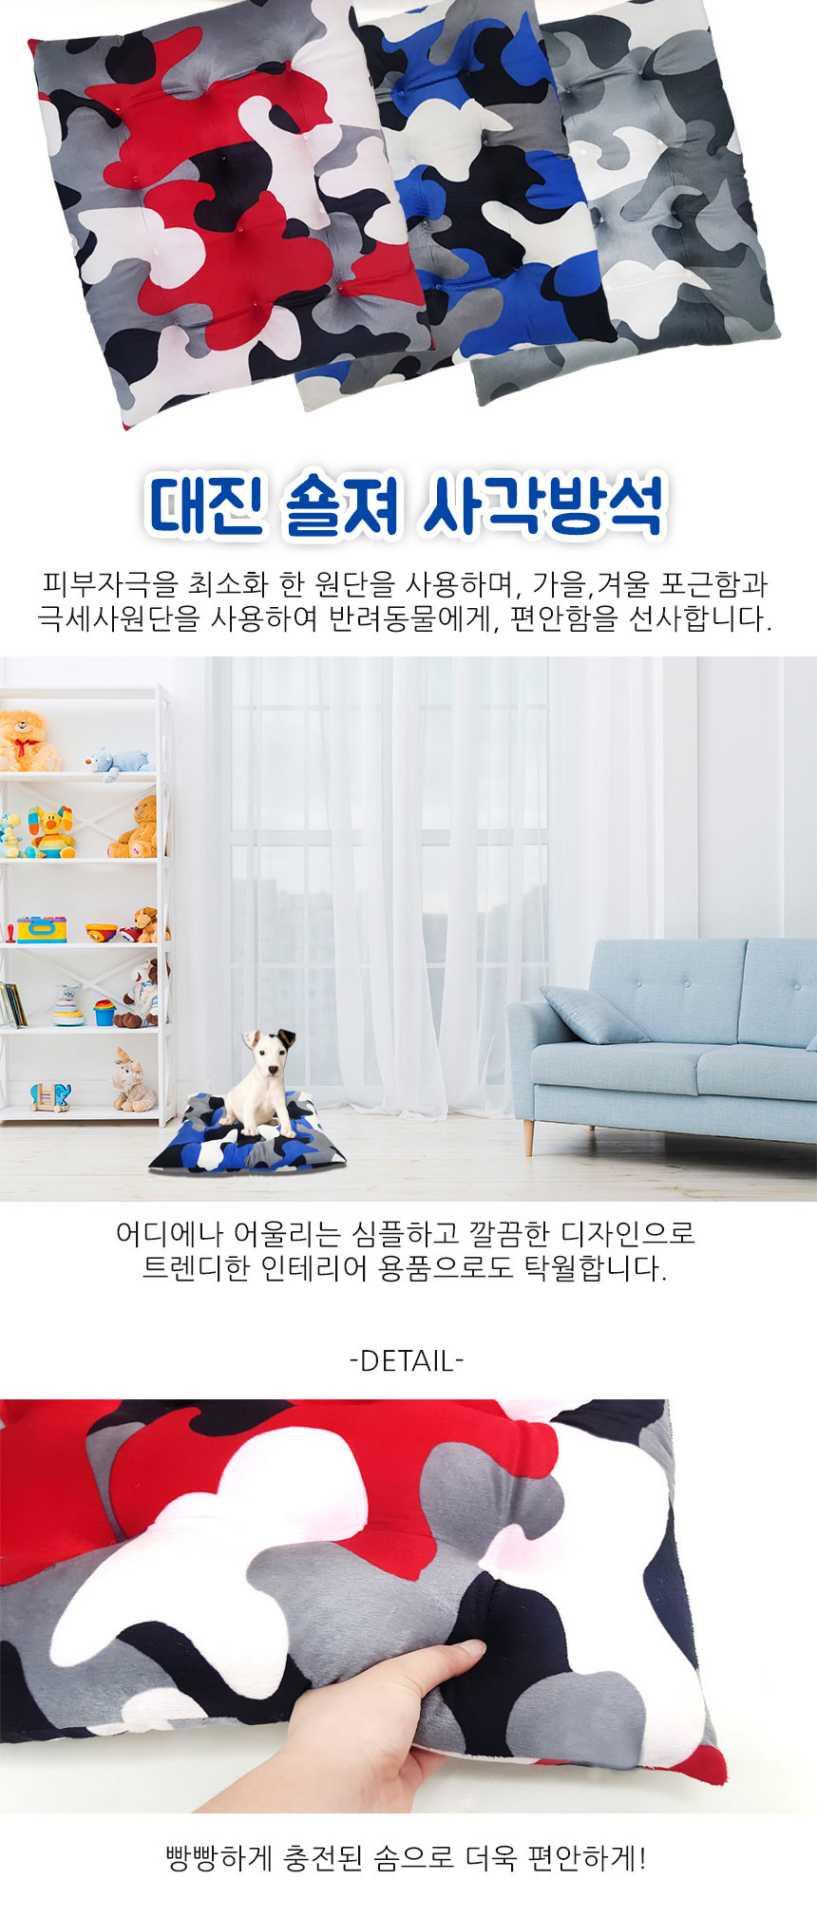 푹신한 강아지쿠션 대진 숄져 사각방석(블루) - 머니볼트레이딩, 9,700원, 하우스/식기/실내용품, 방석/매트